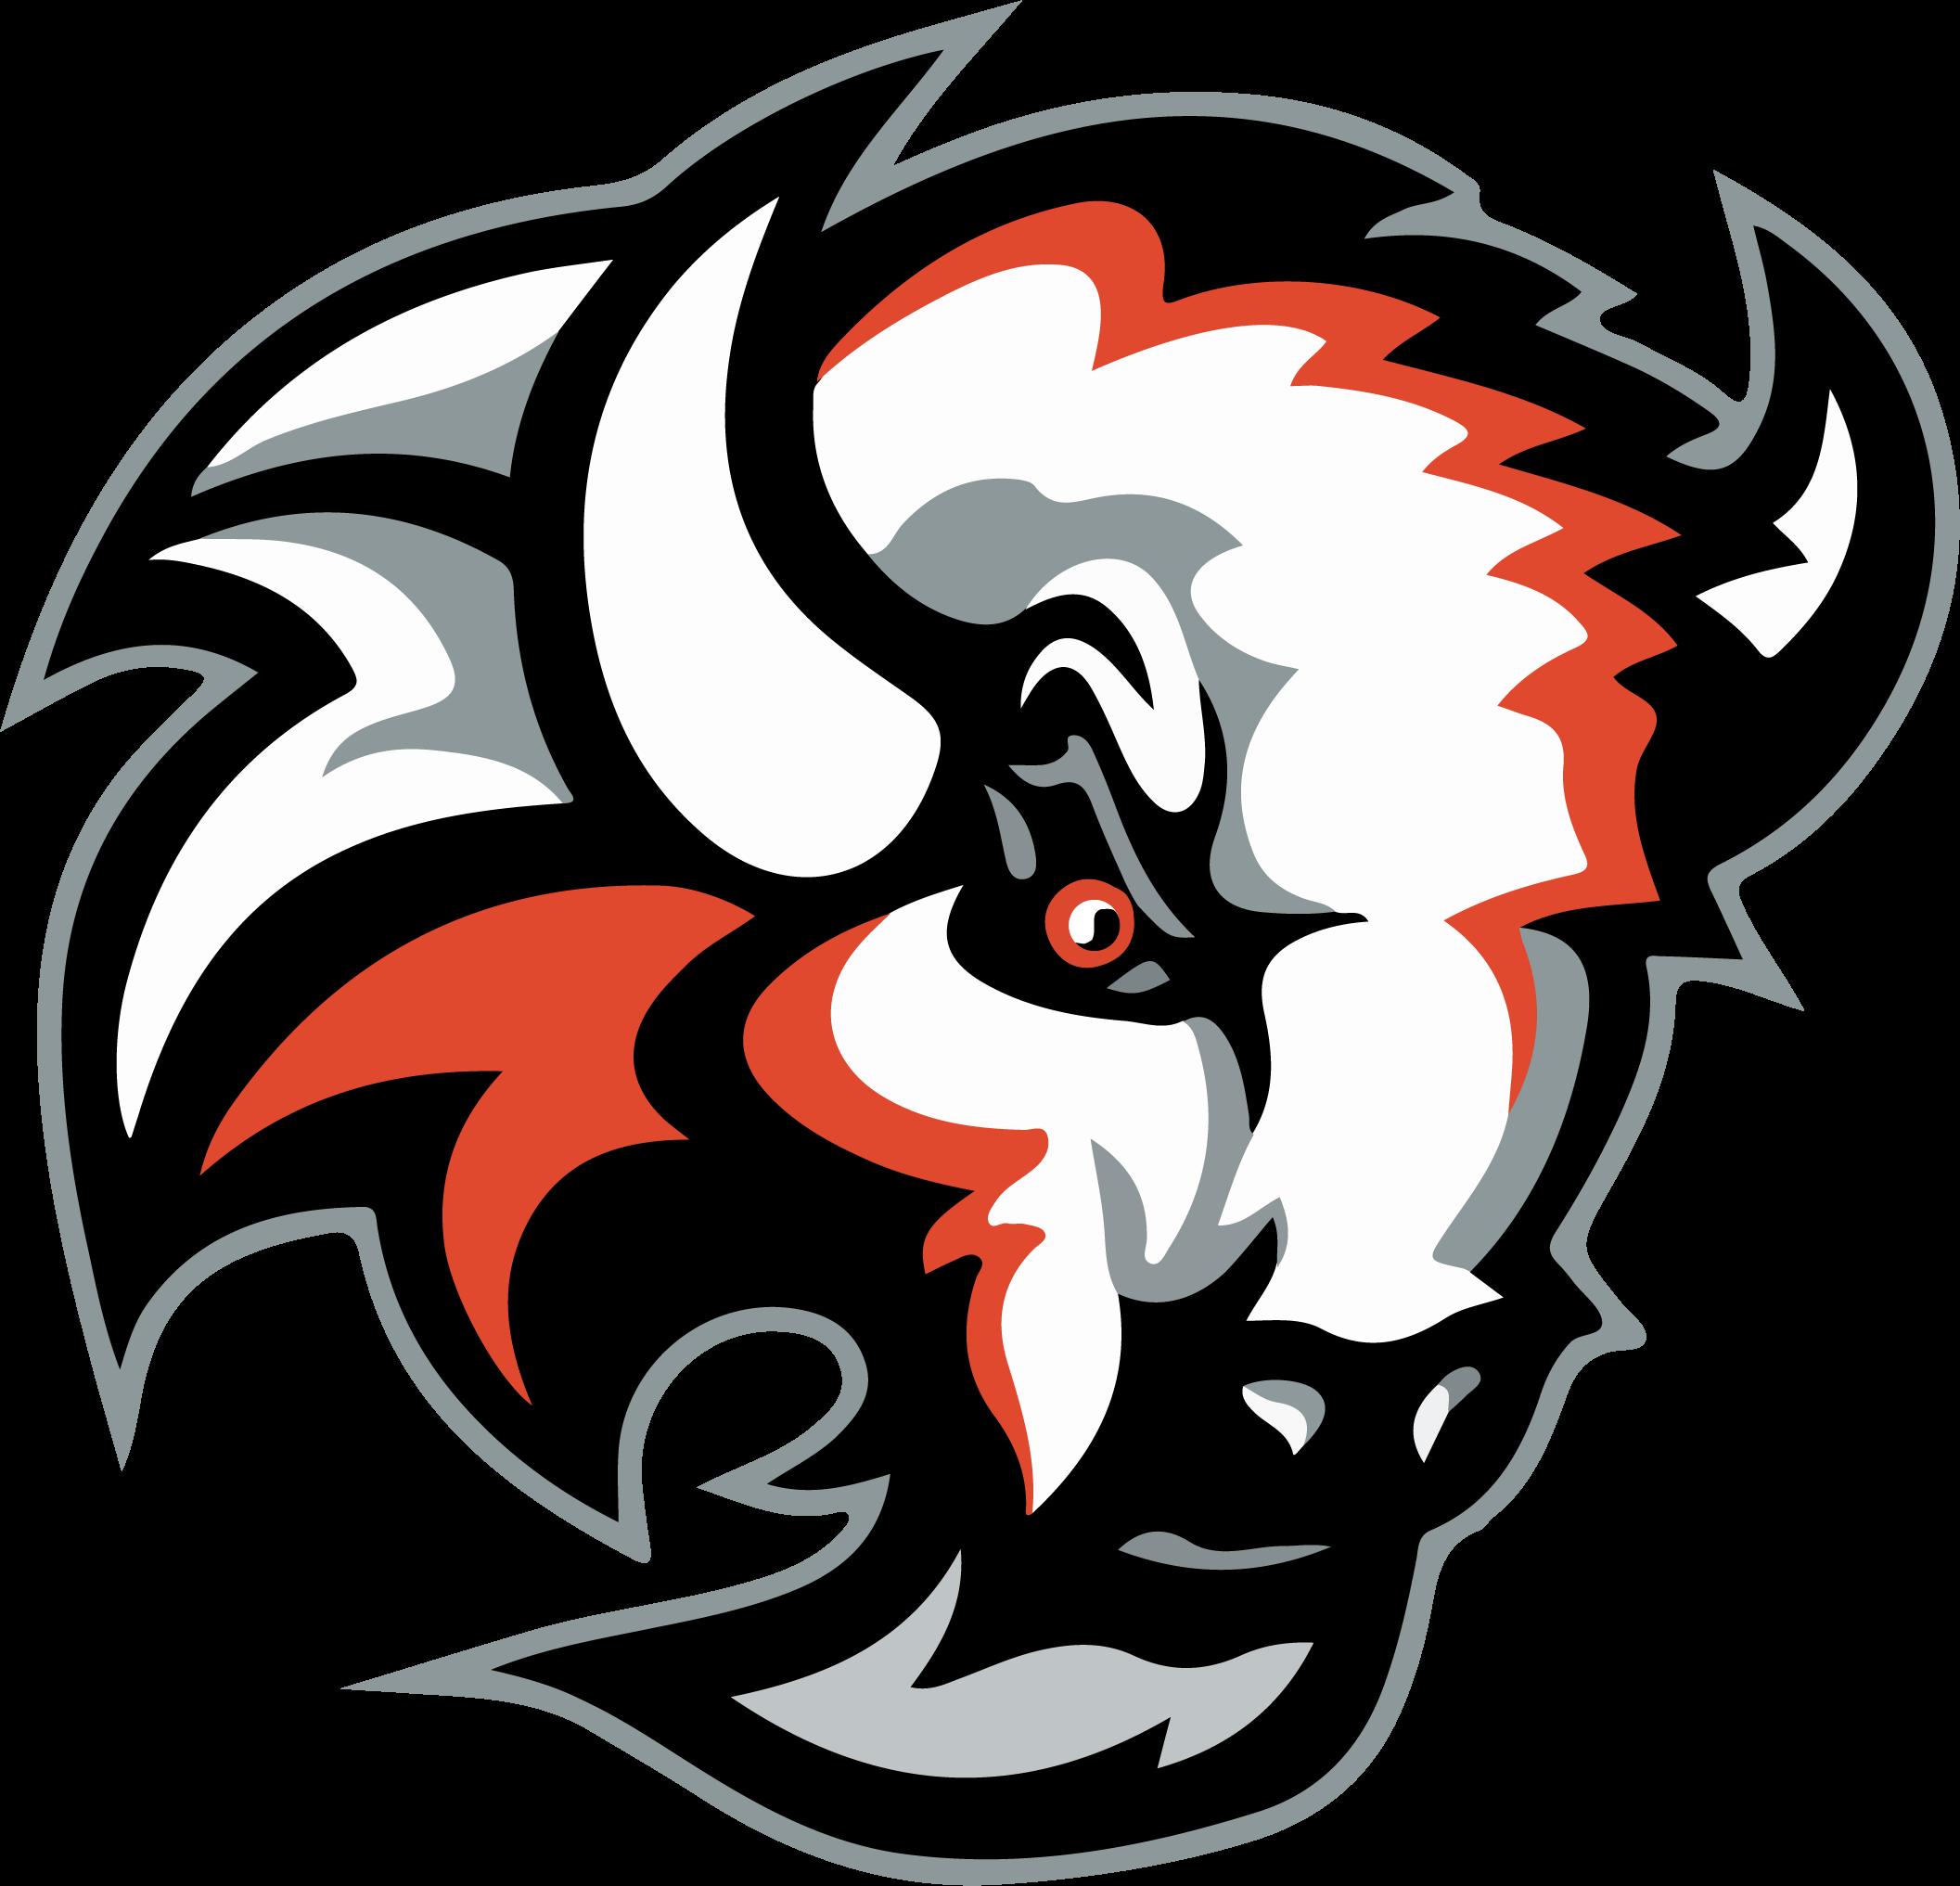 Mccook high school . Bison clipart mascot